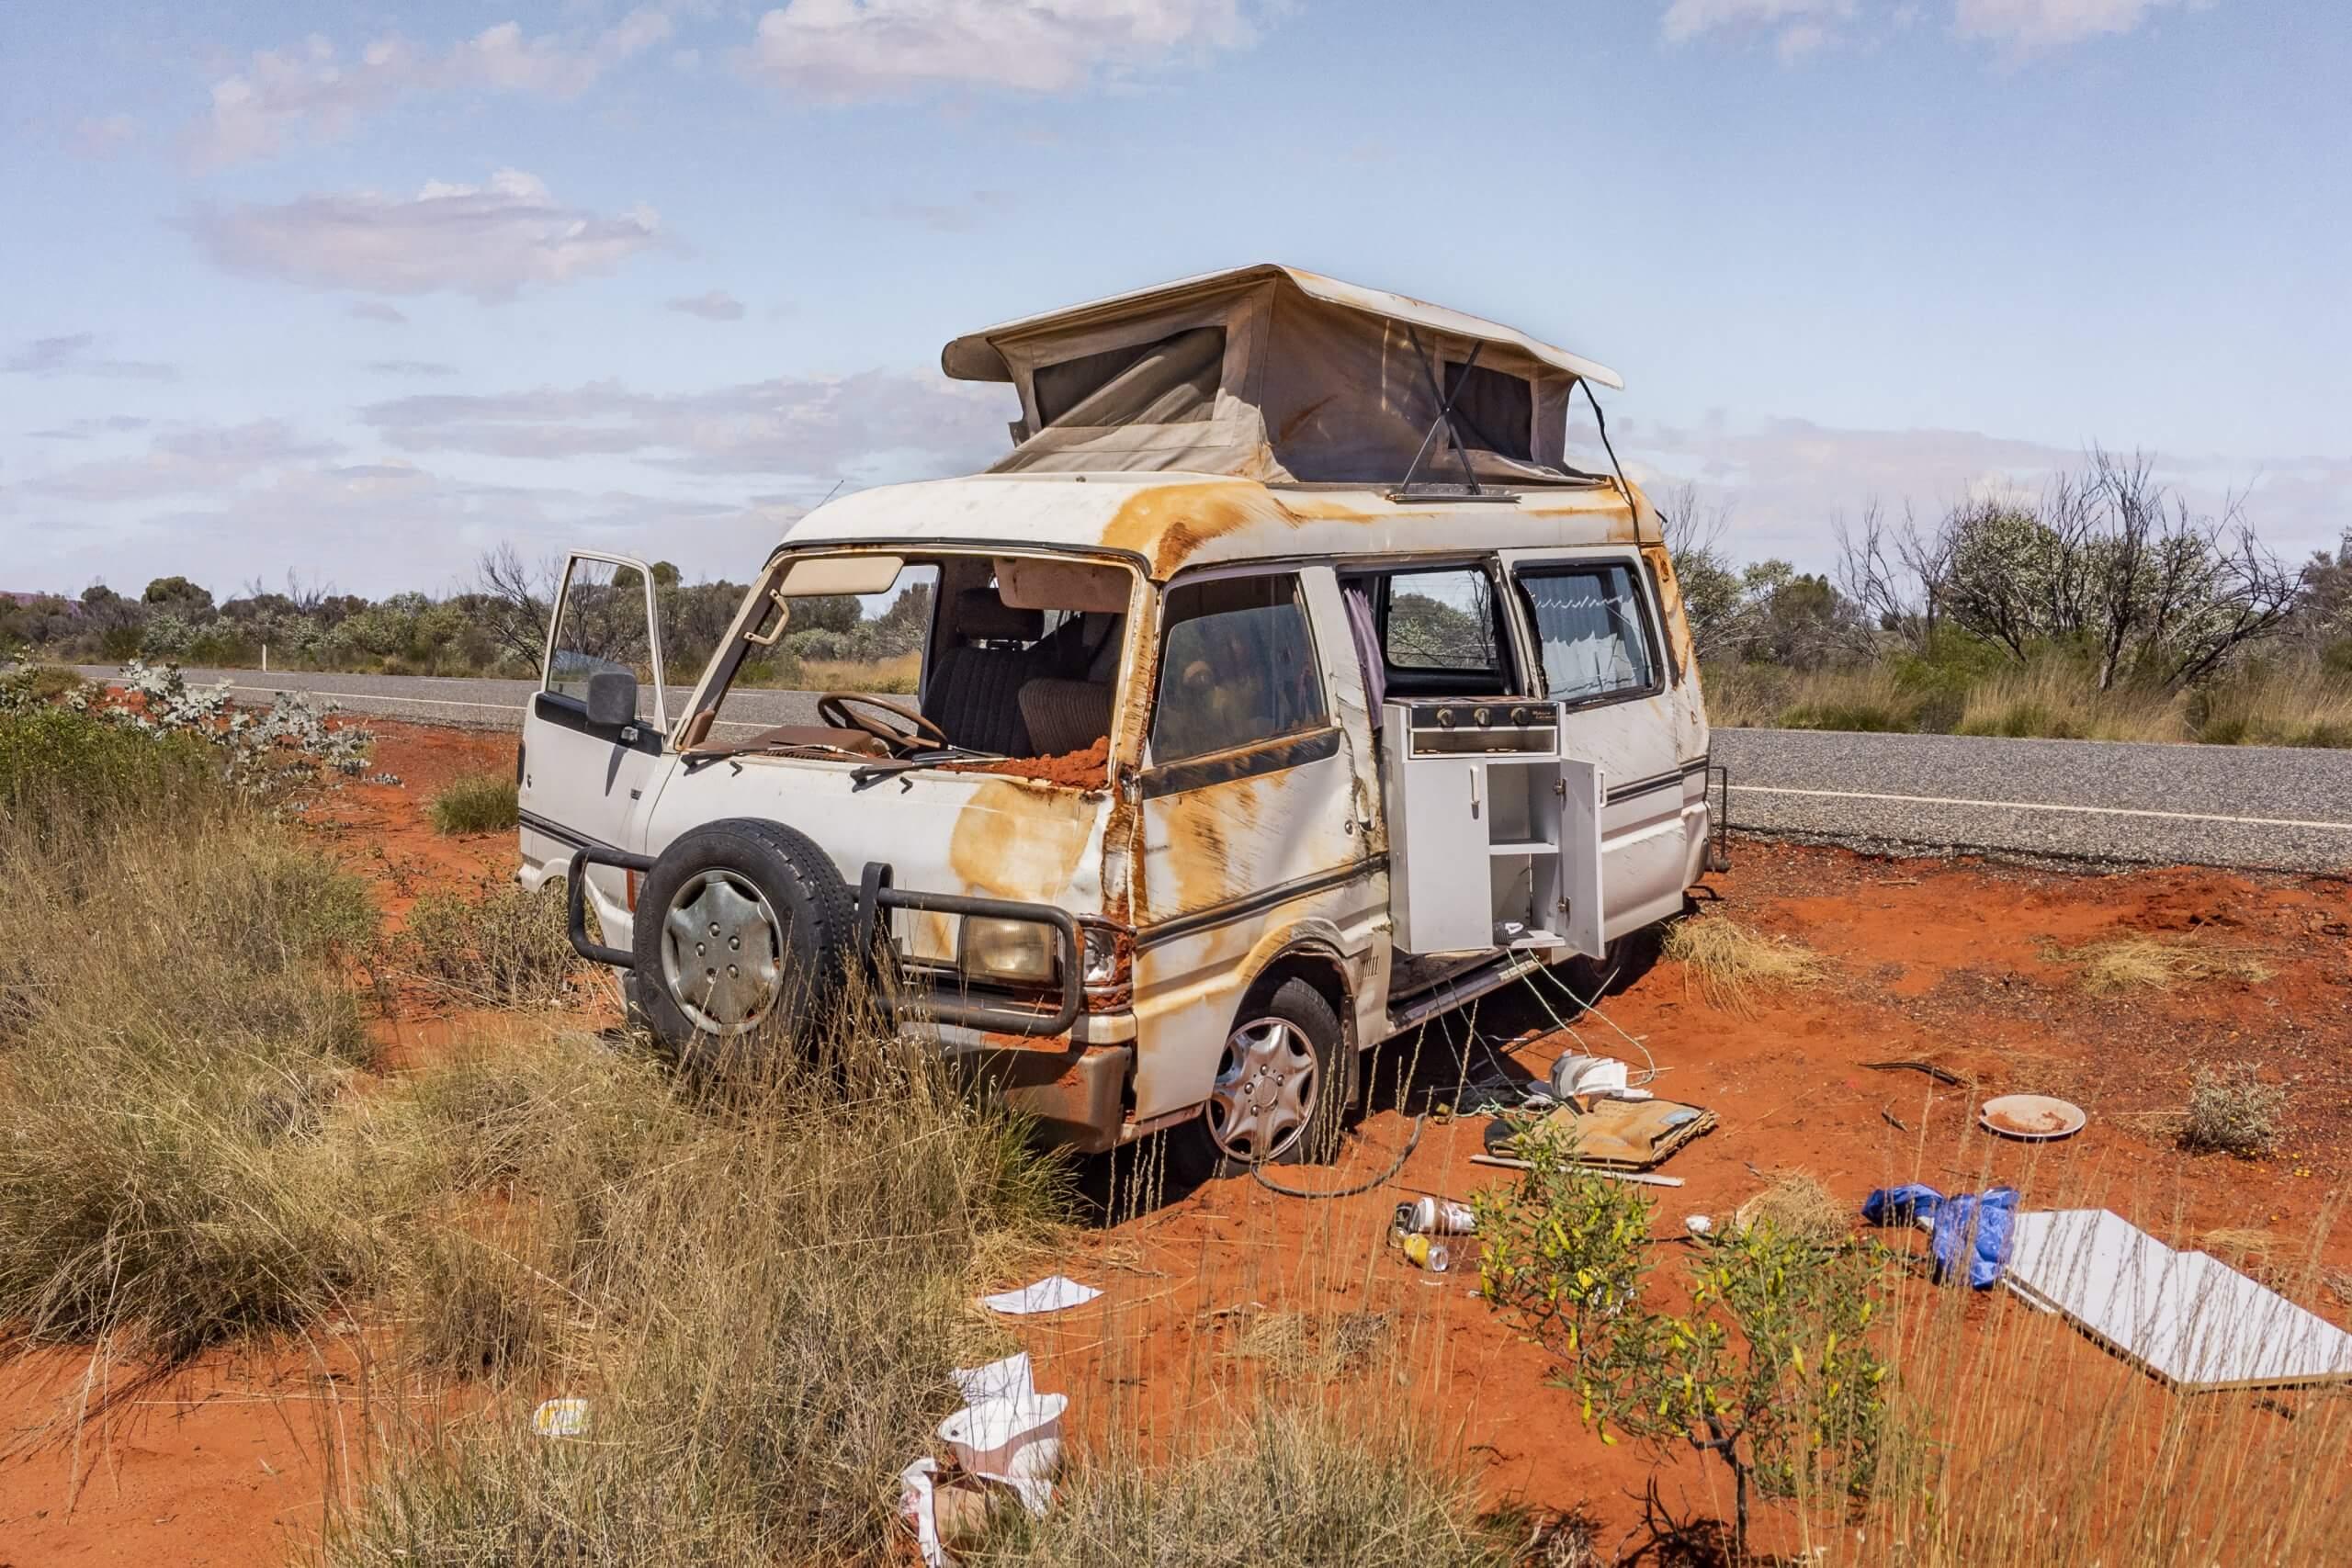 das Unfallrisiko im Outback ist sehr hoch